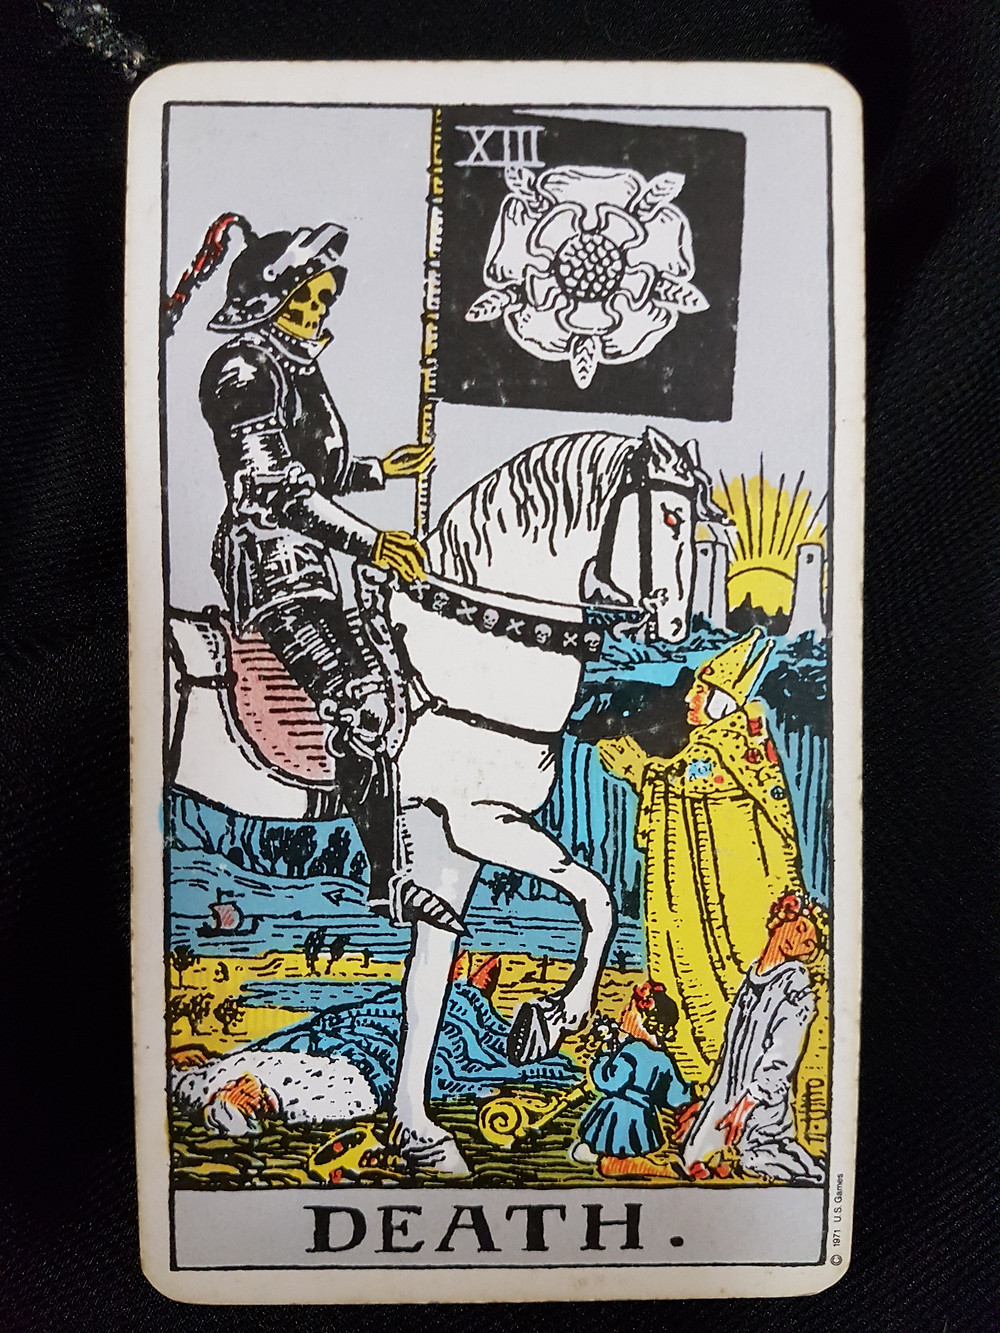 The Death Card - lynsrreadings.com